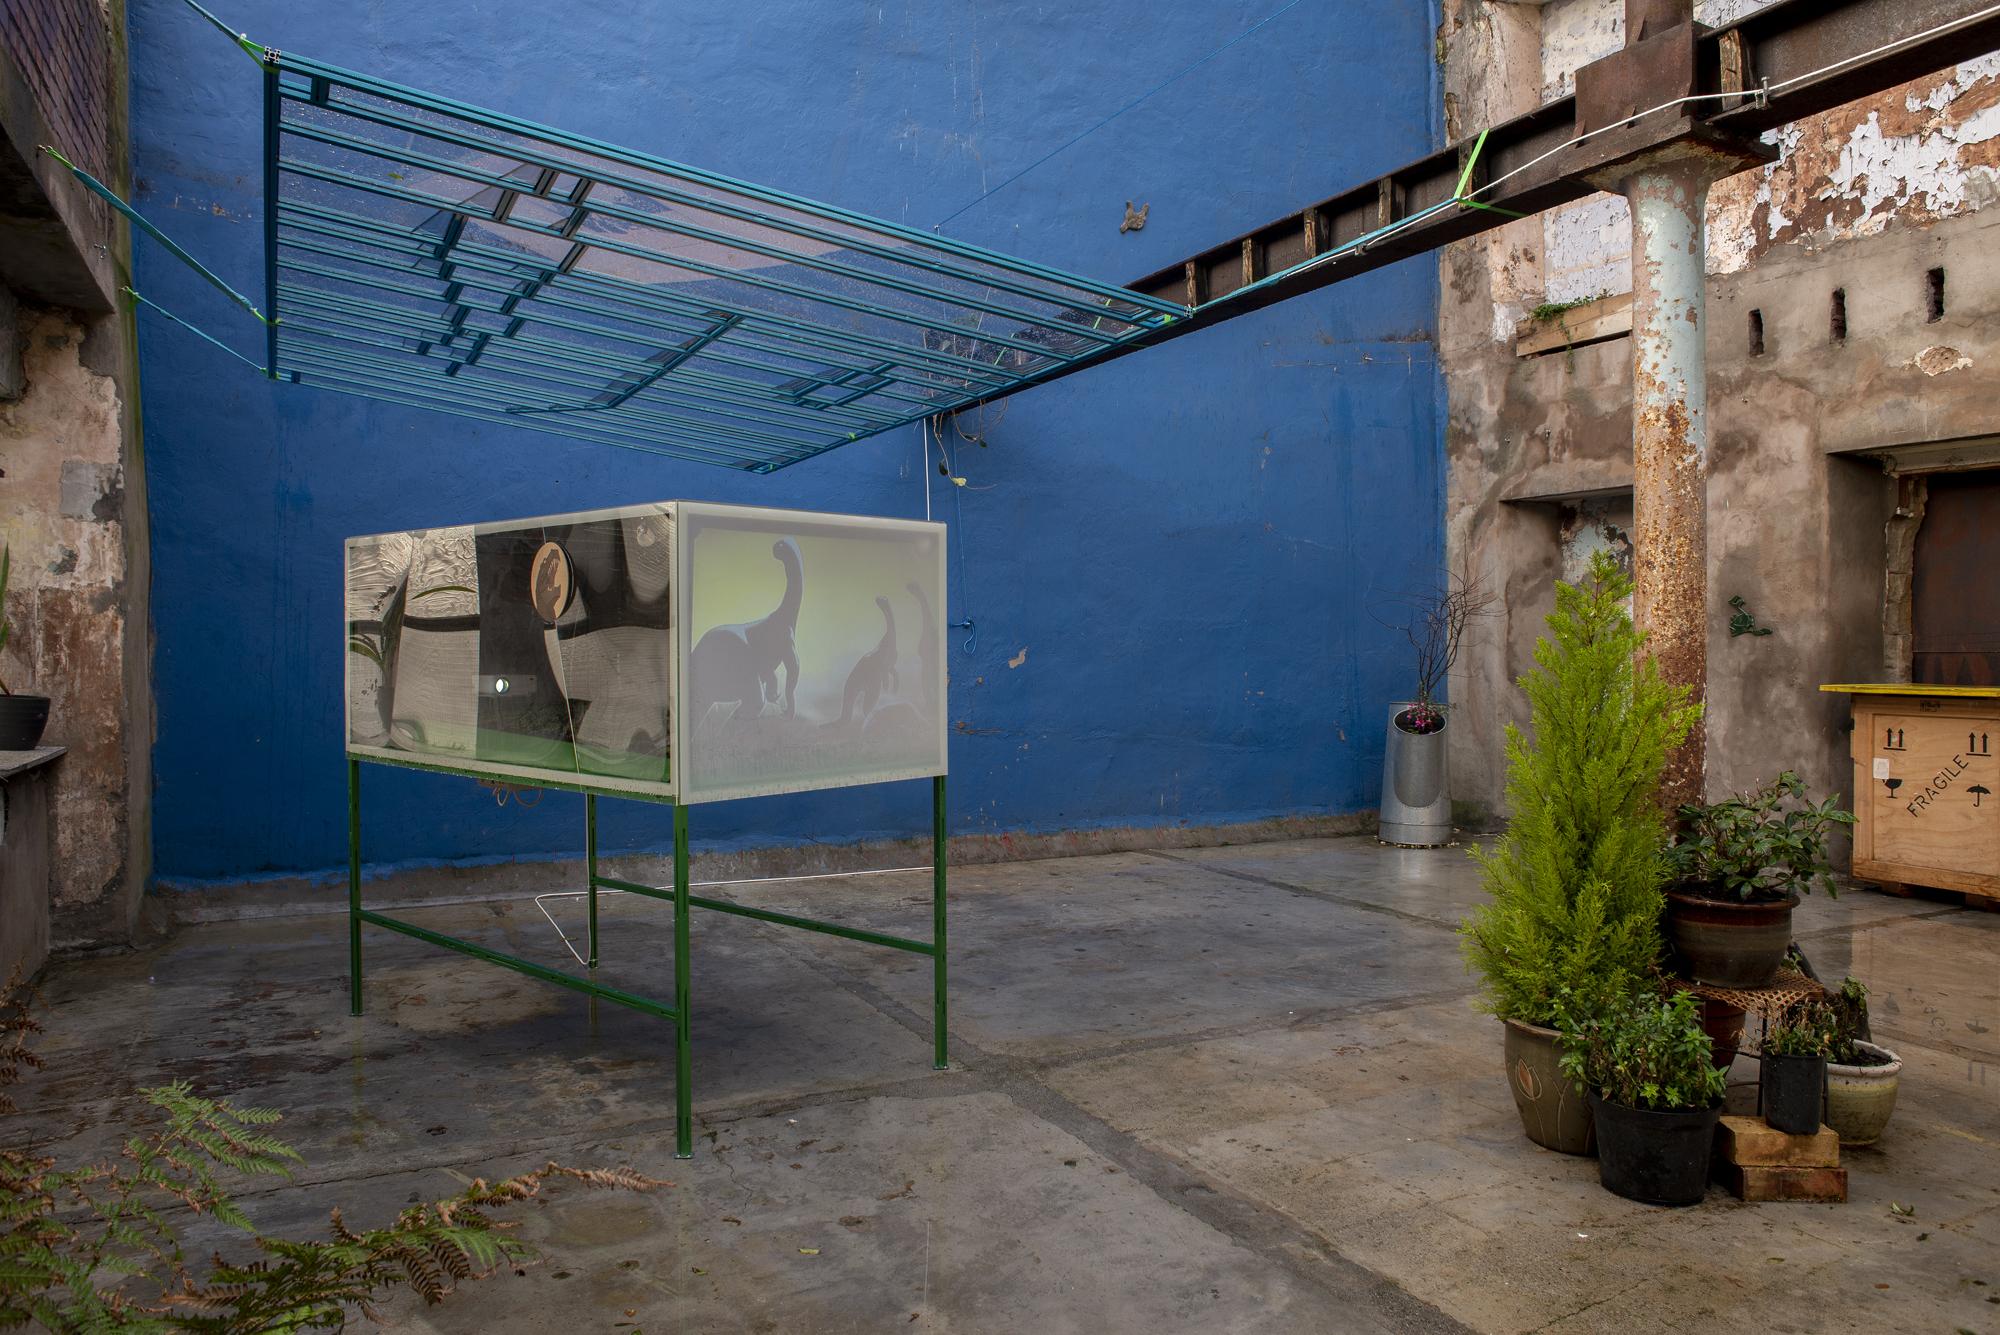 Garden1 - Cinema for Basil, Mirko Canesi, Contra, Garden, 2018 at David Dale Gallery, Glasgow